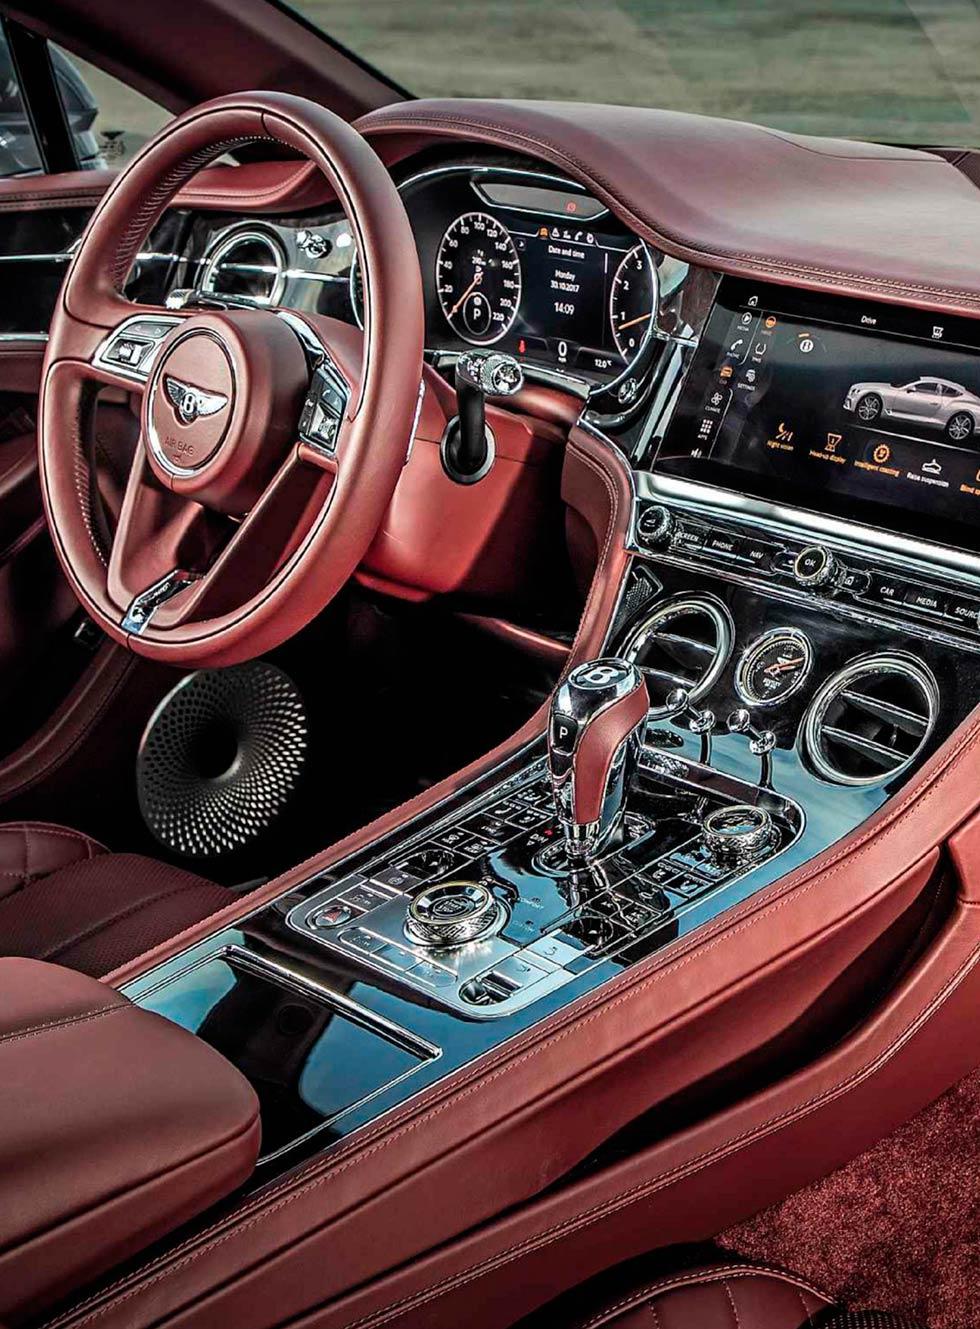 2018 Bentley Continental GT interior